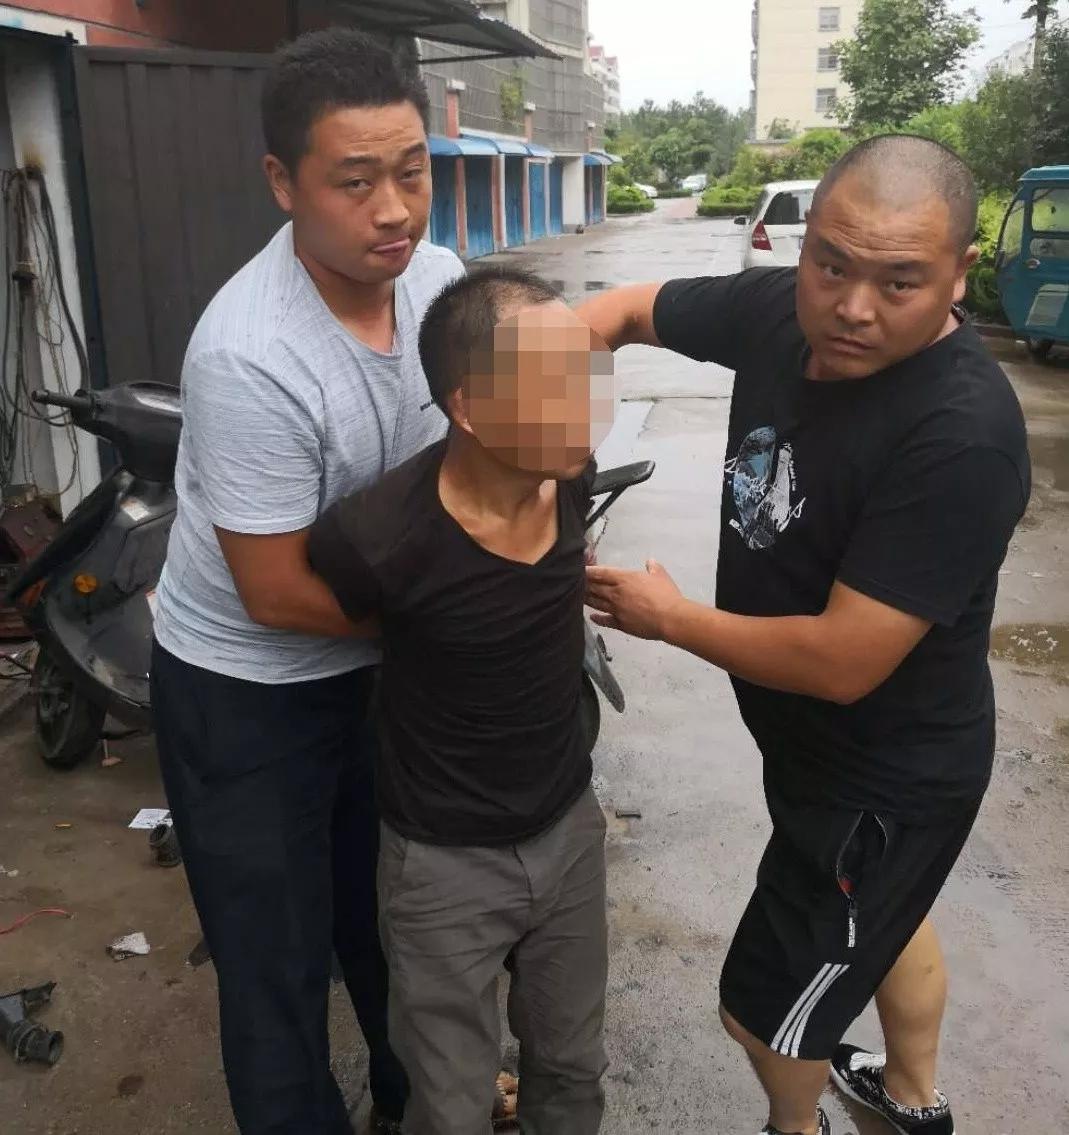 法网恢恢!两山东男子在东海砸车偷了3万多现金!终于落网~